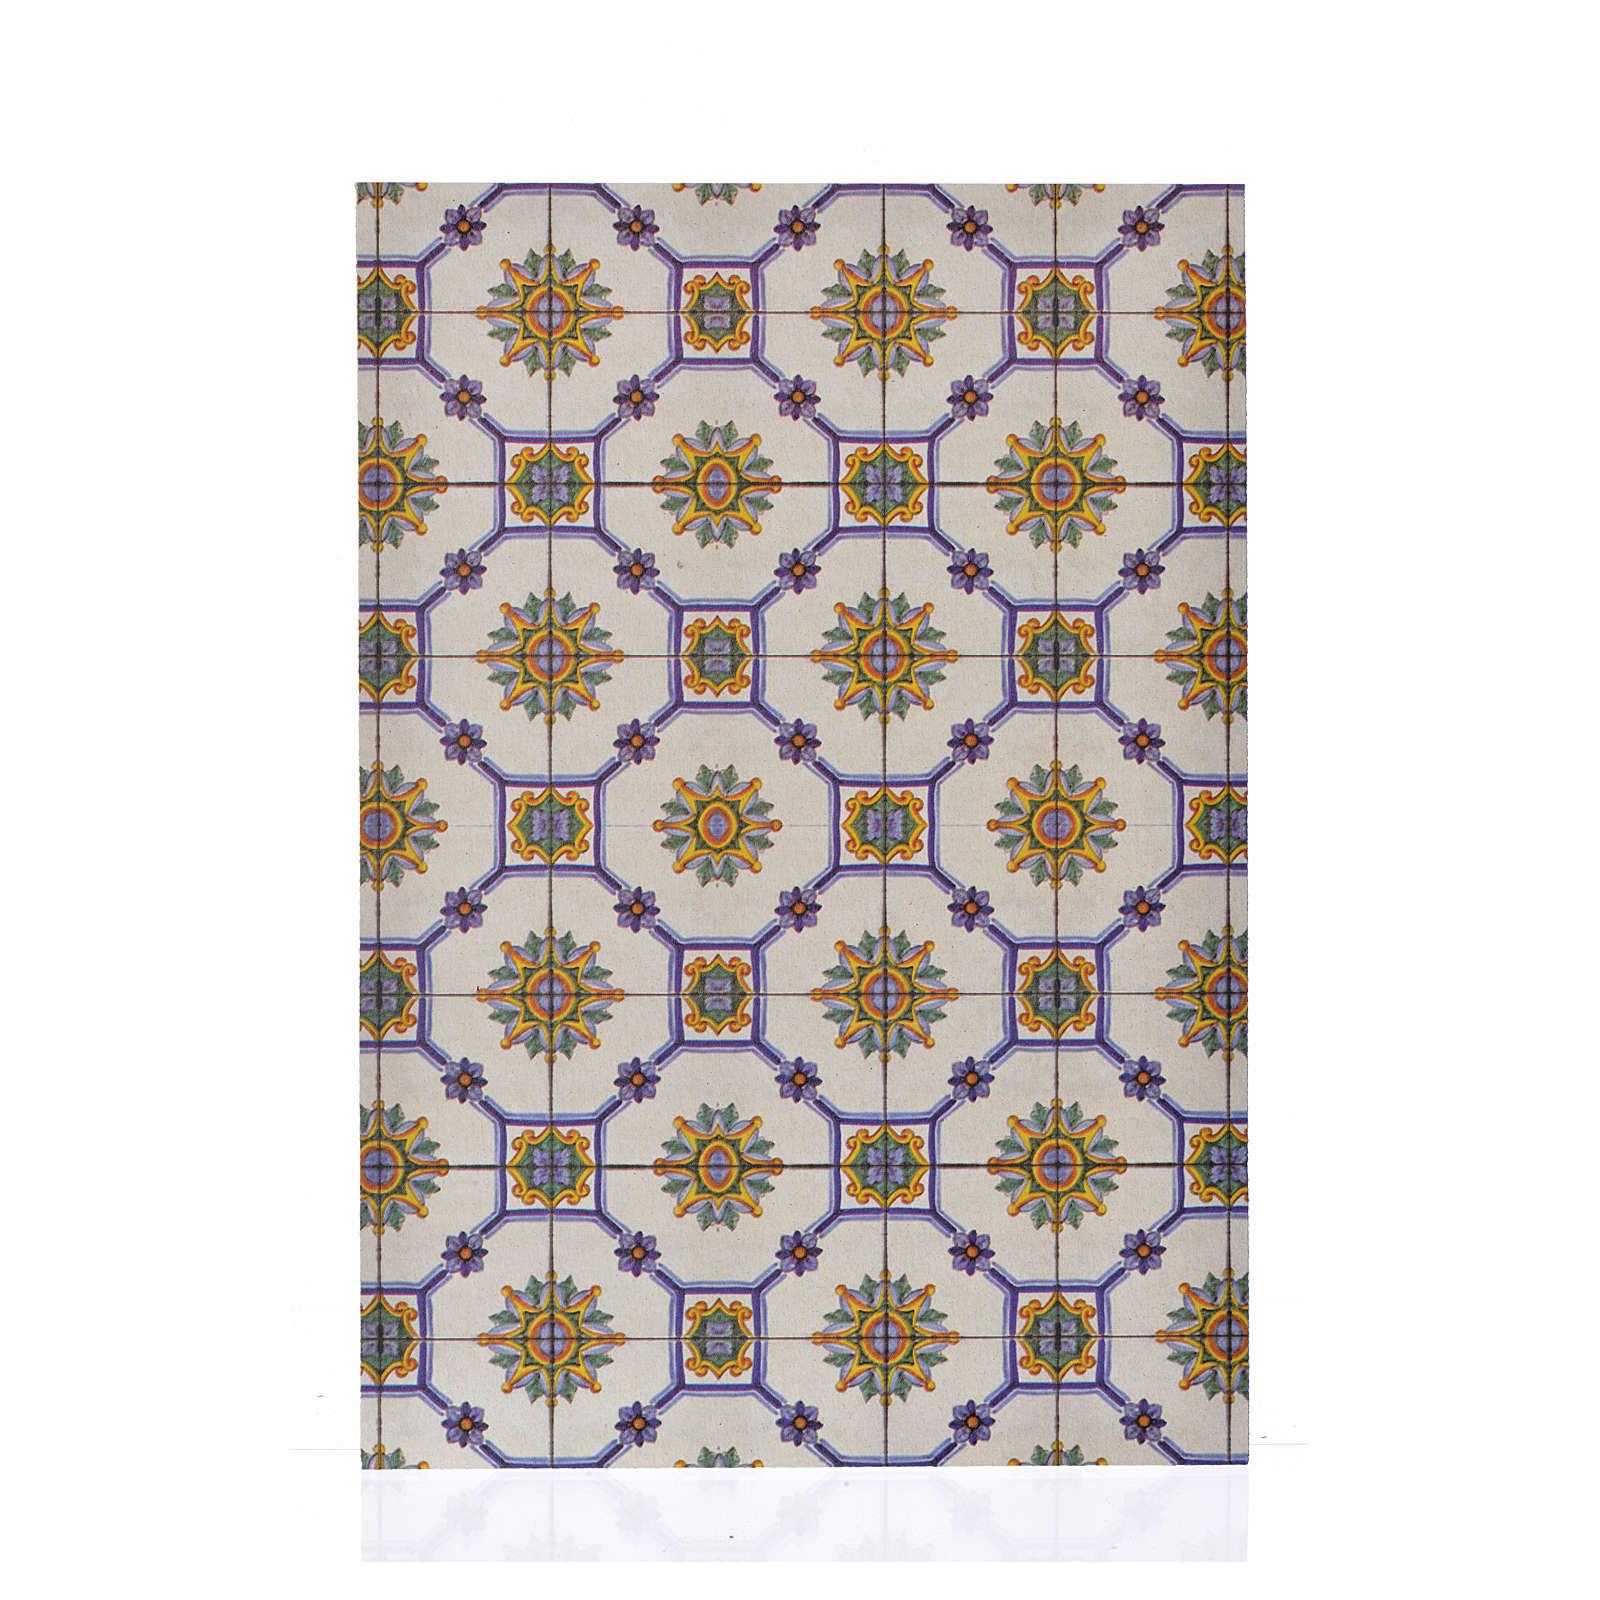 Papier cienki podłoga szkło 24x16.5 4